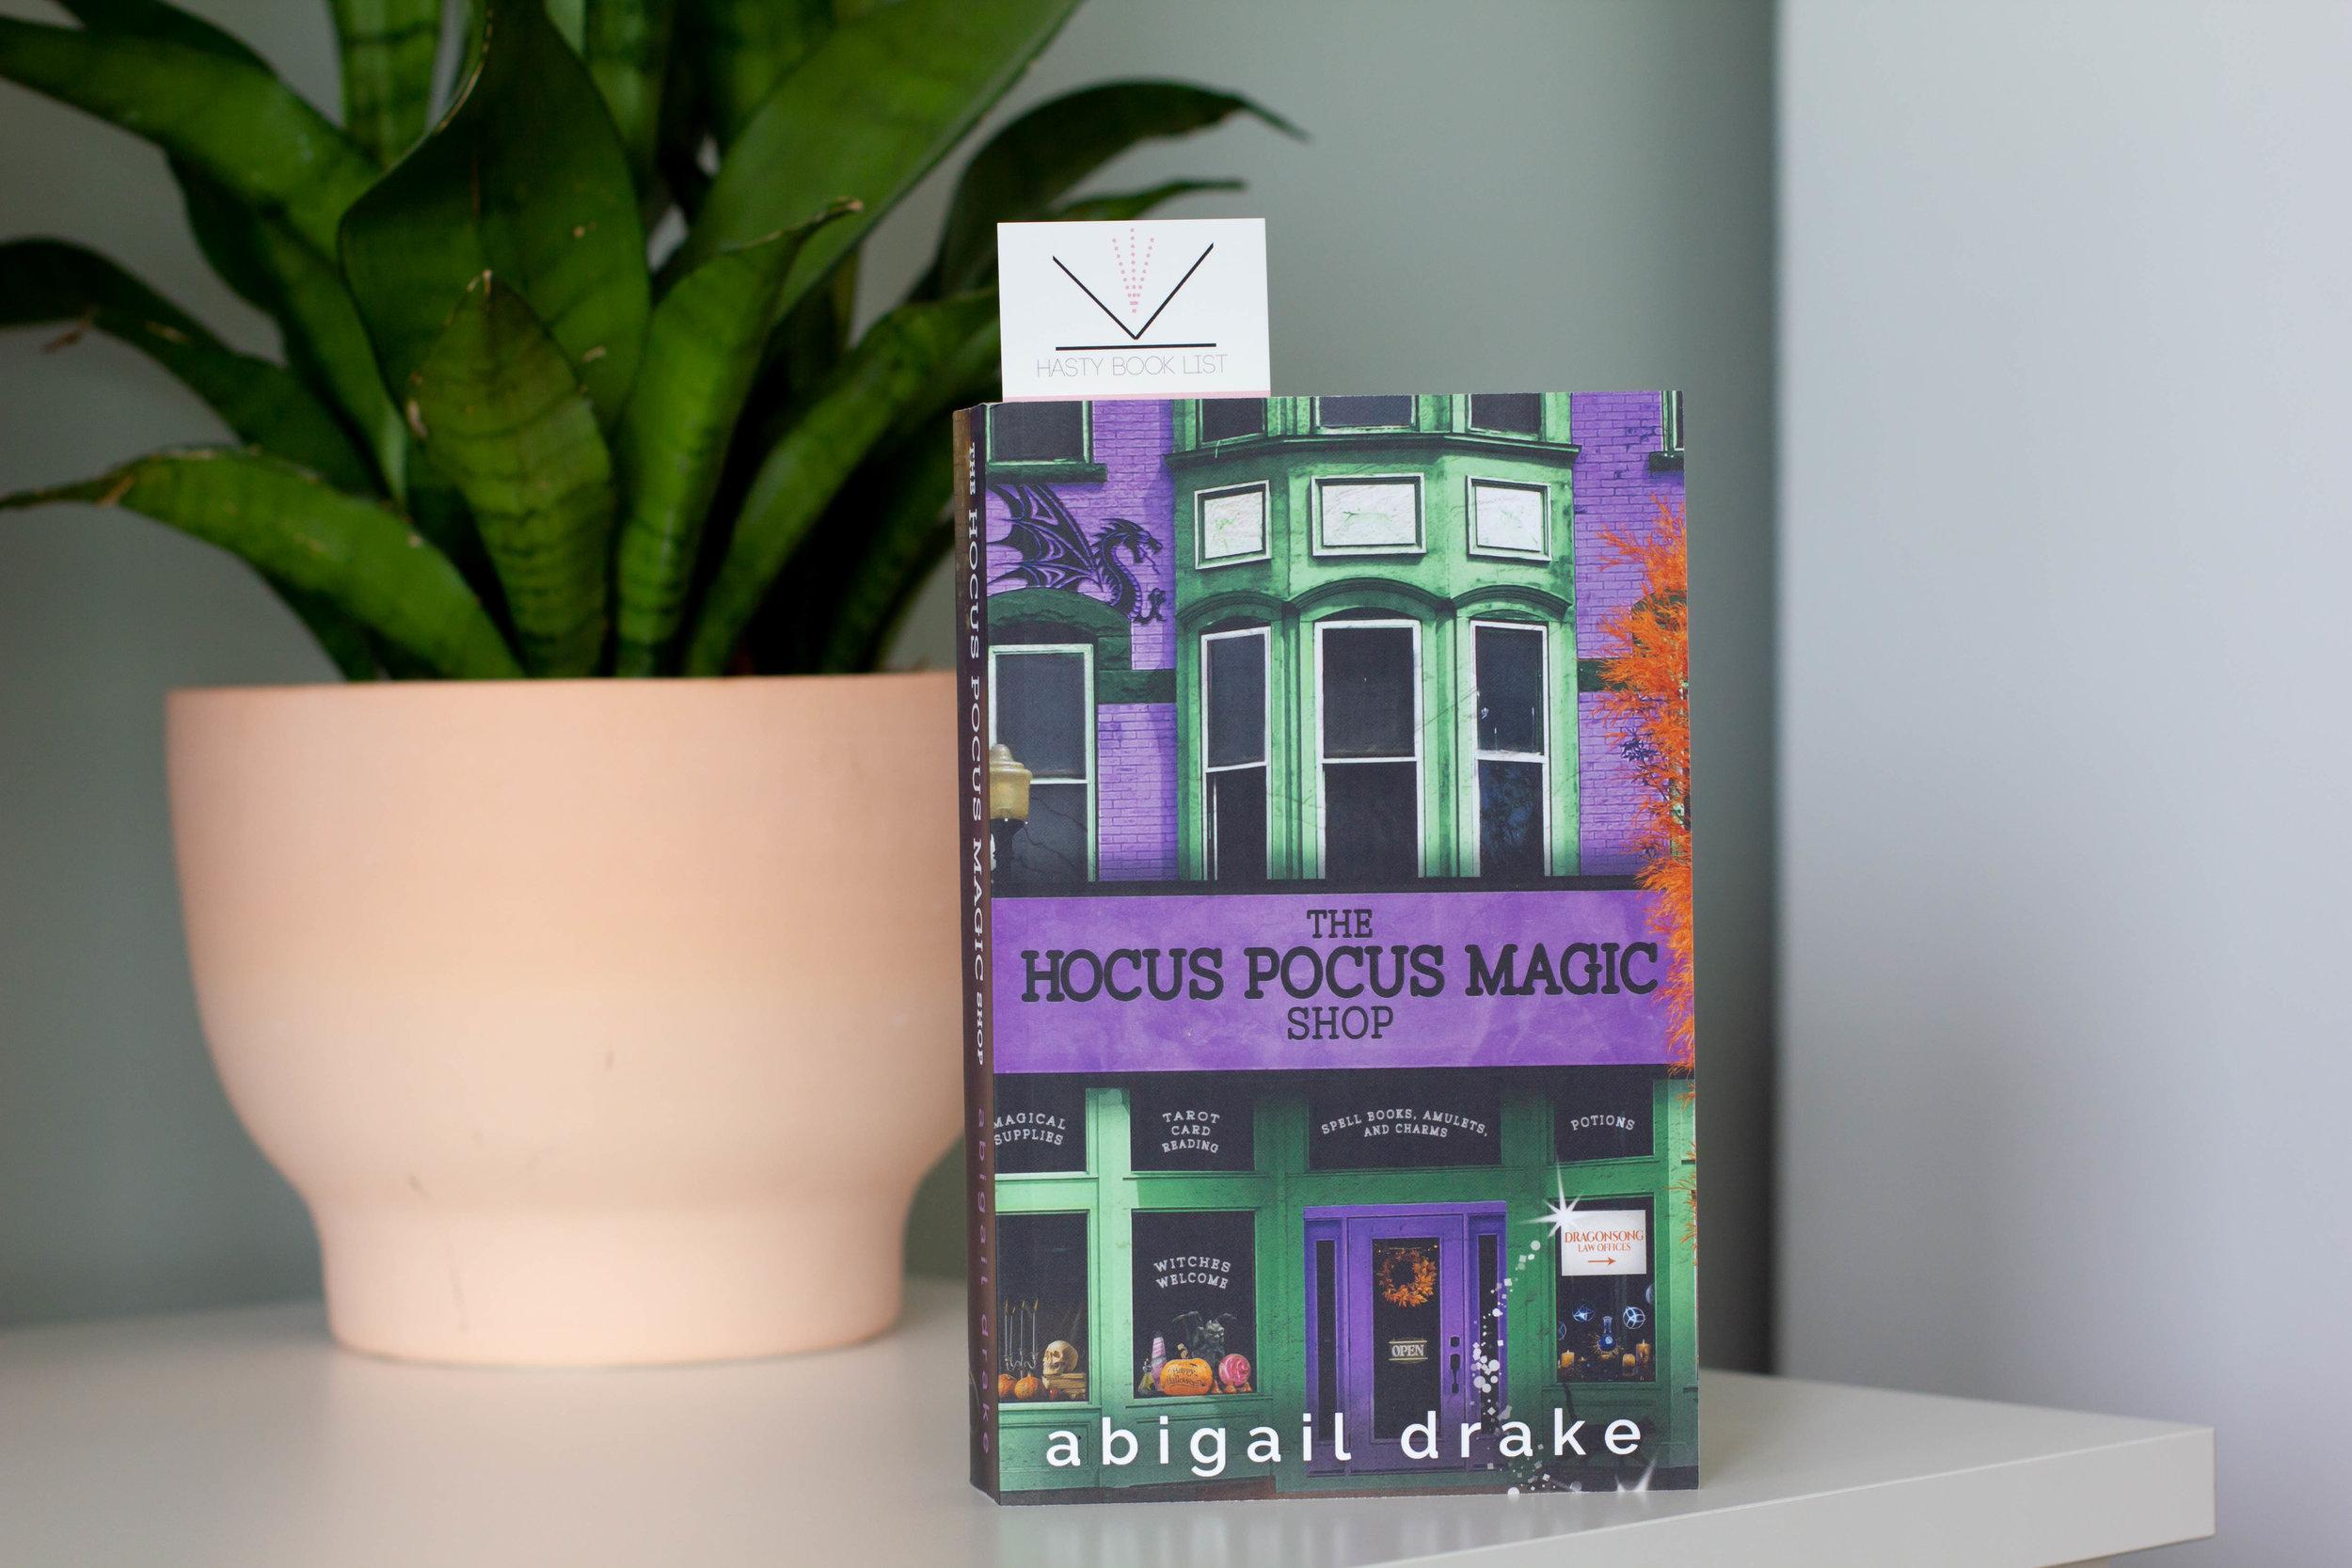 The Hocus Pocus Magic Shop by Abigail Drake-1.jpg